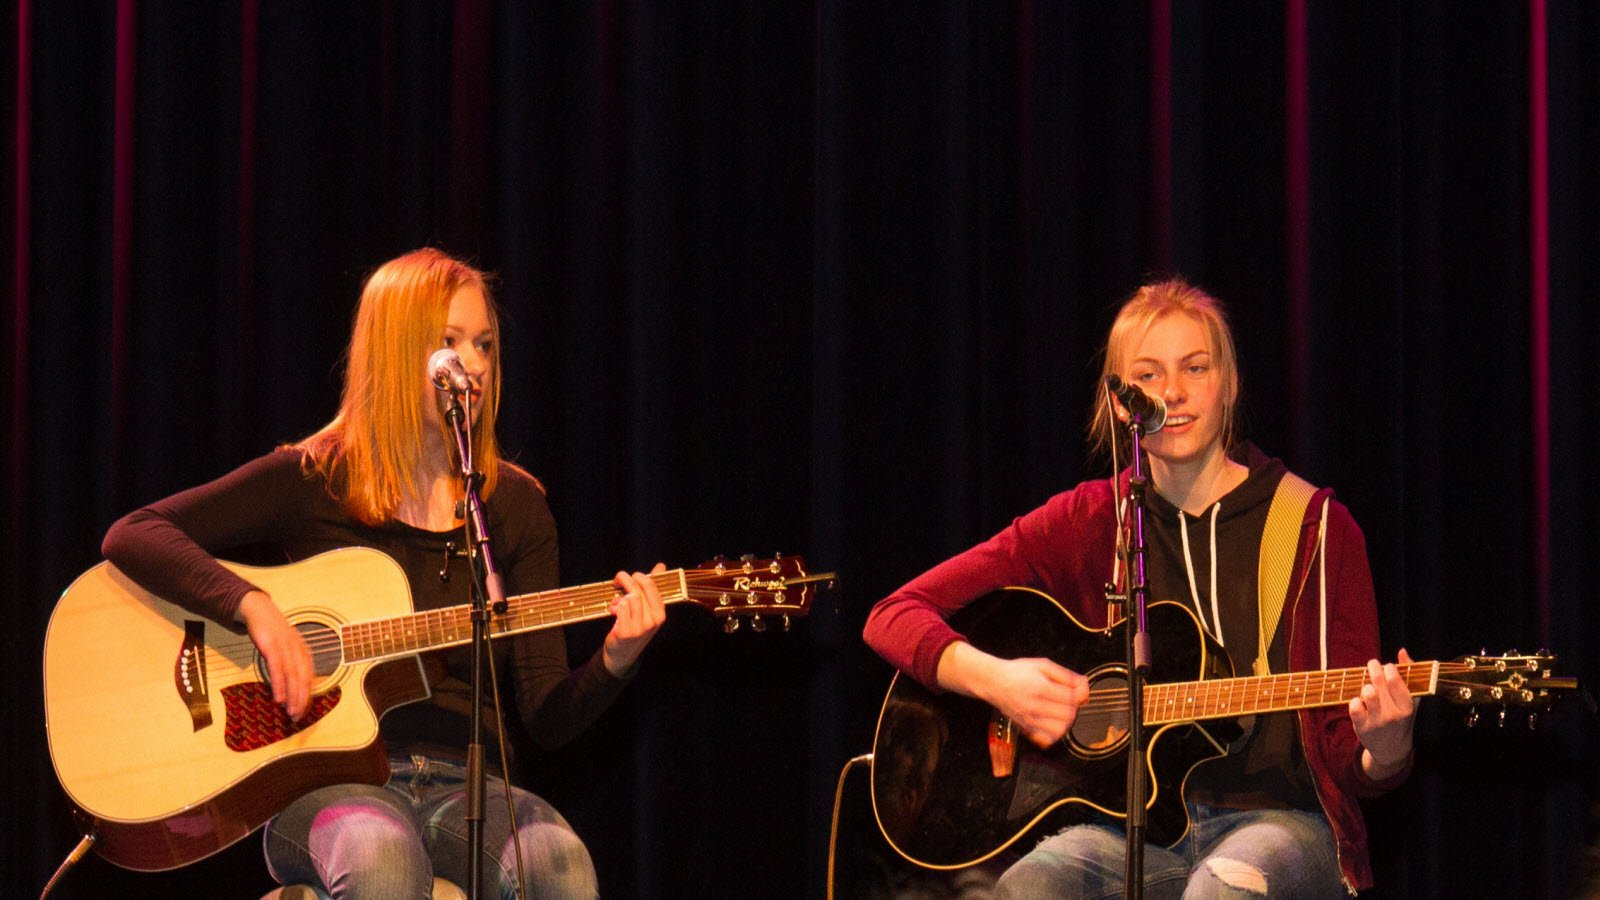 Theateroverval-Talent-singer-songwriters-bij-Wereldvrouwen